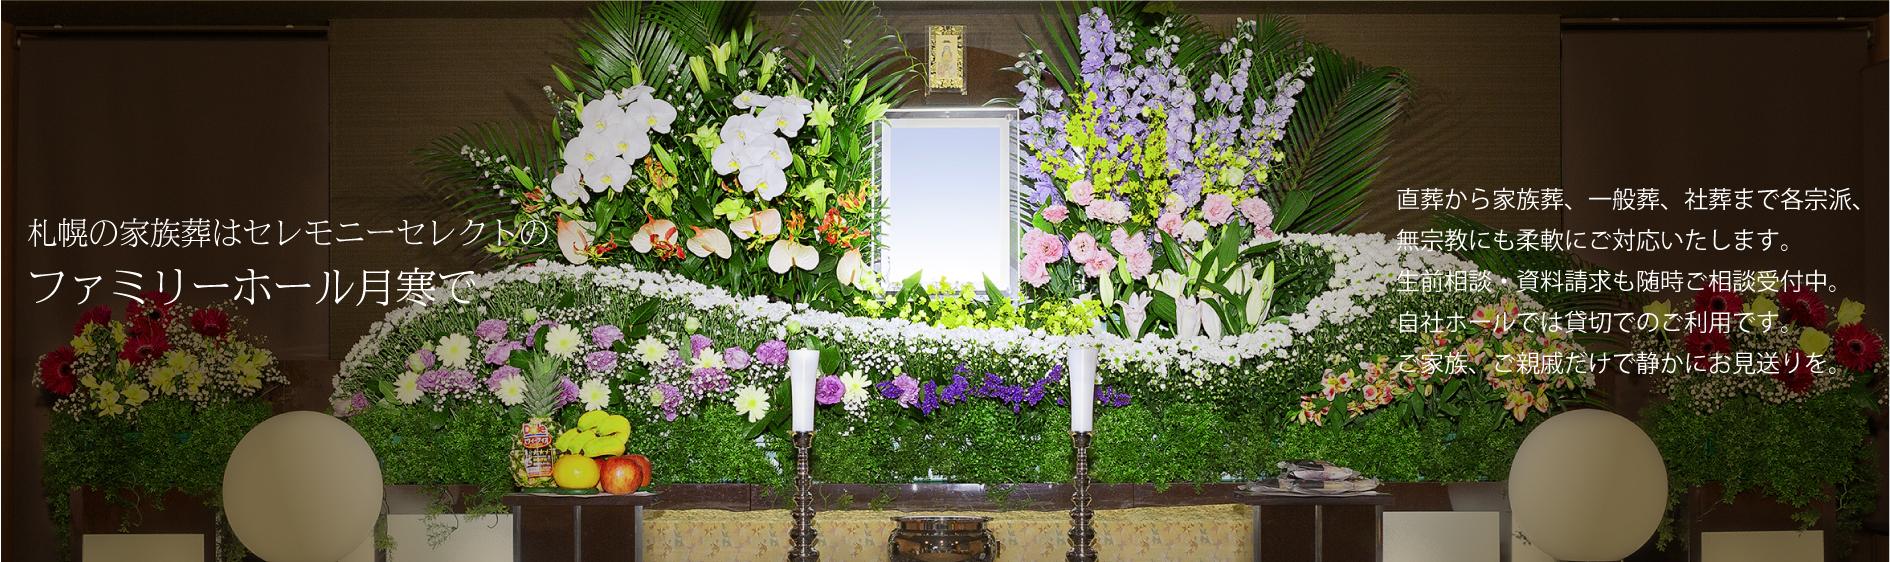 札幌の家族葬はファミリーホール月寒で